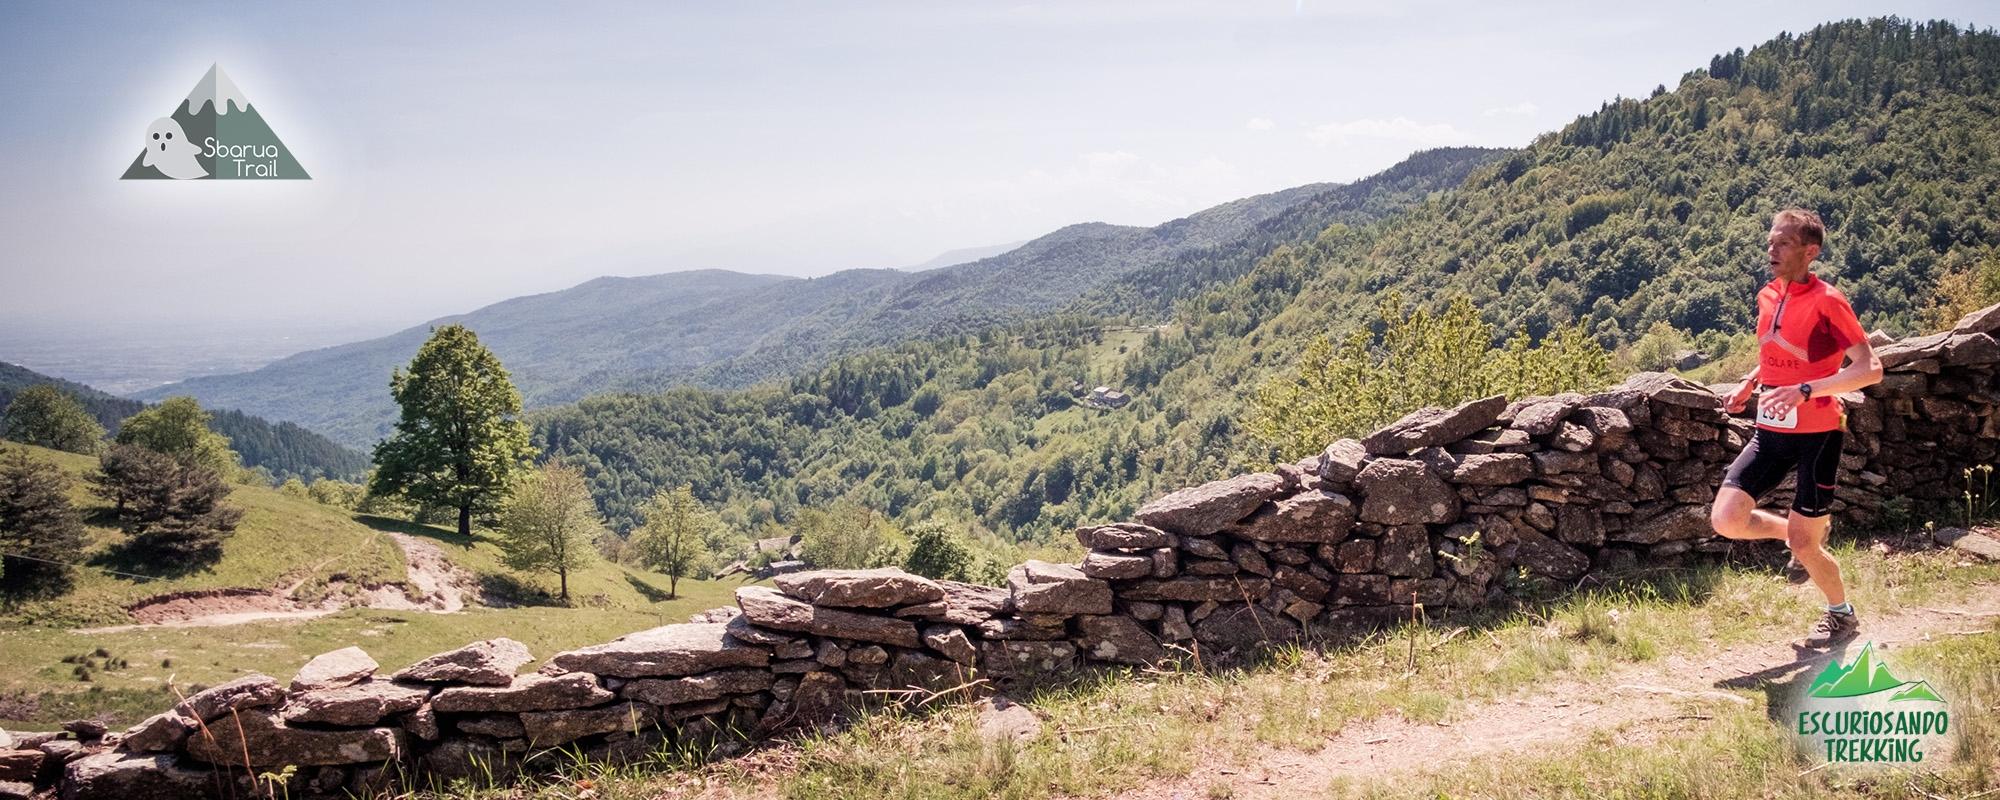 sbarua trail